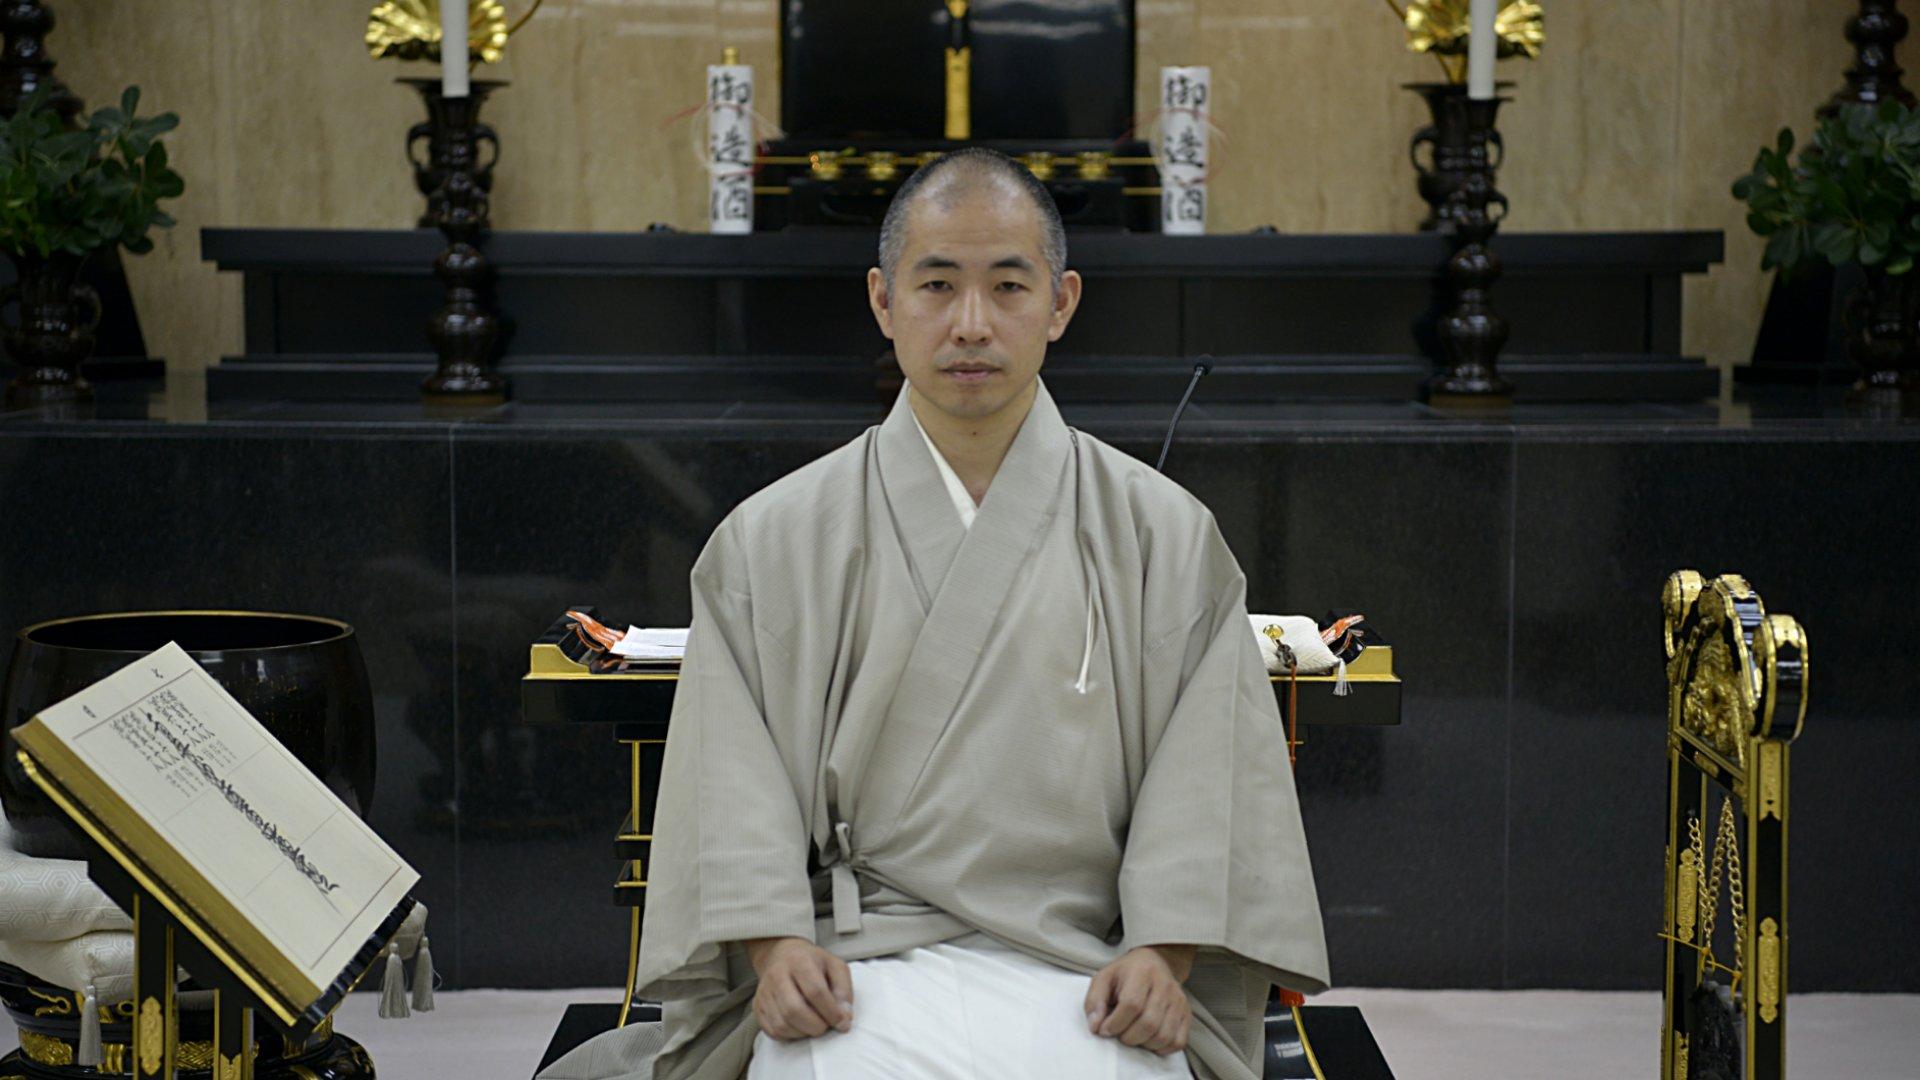 El monje budista Rokyu Nakayama en su templo de Buenos Aires (Gustavo Gavotti)